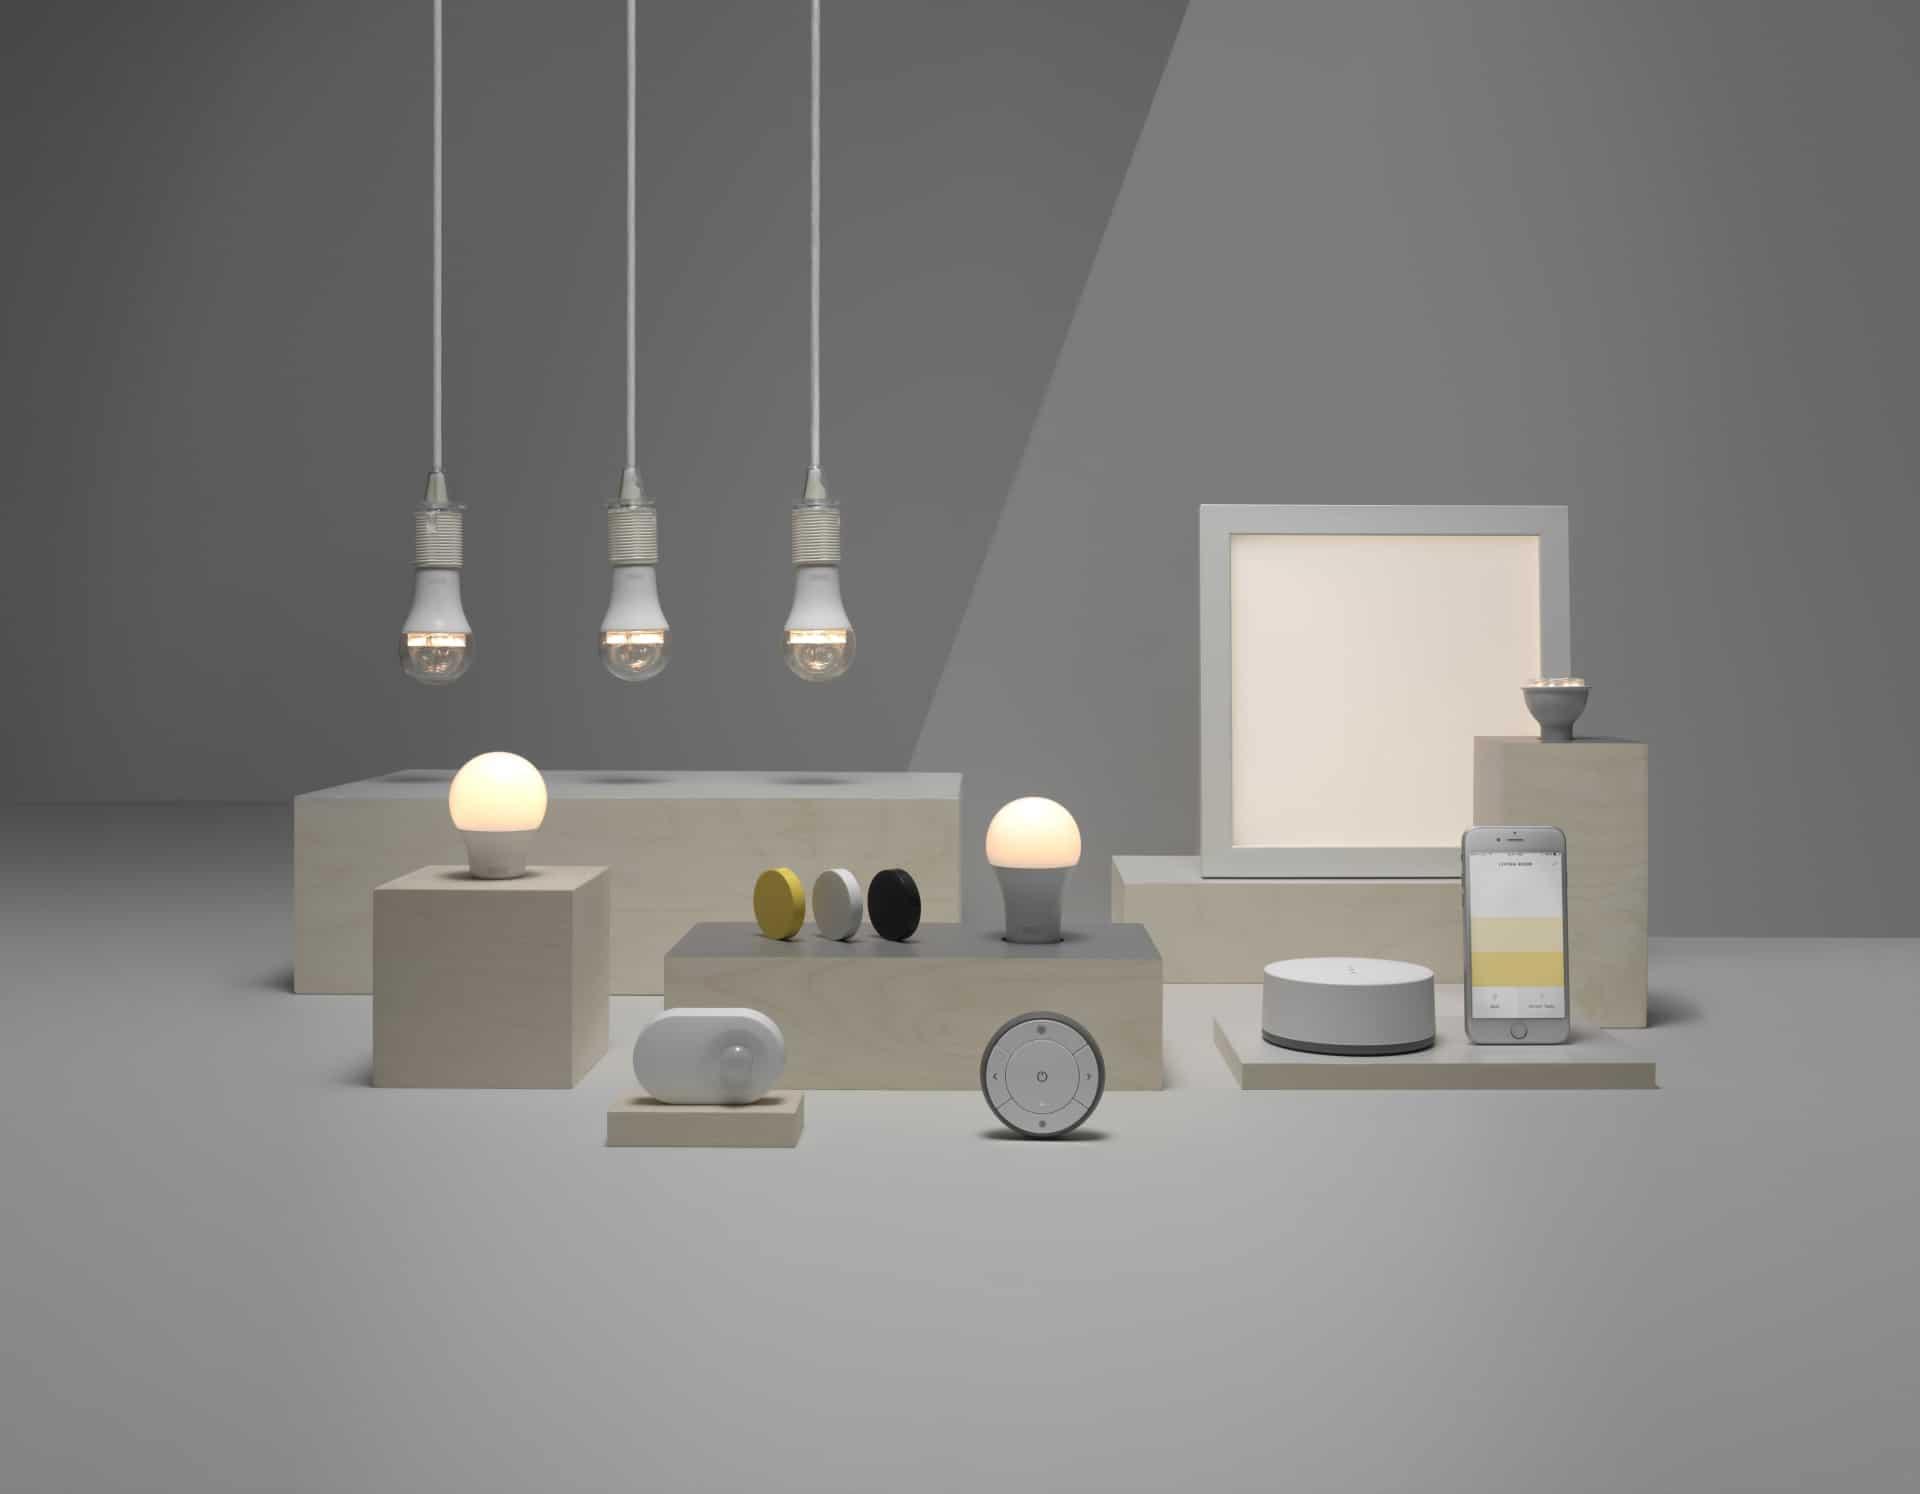 Ikea smart home appliances